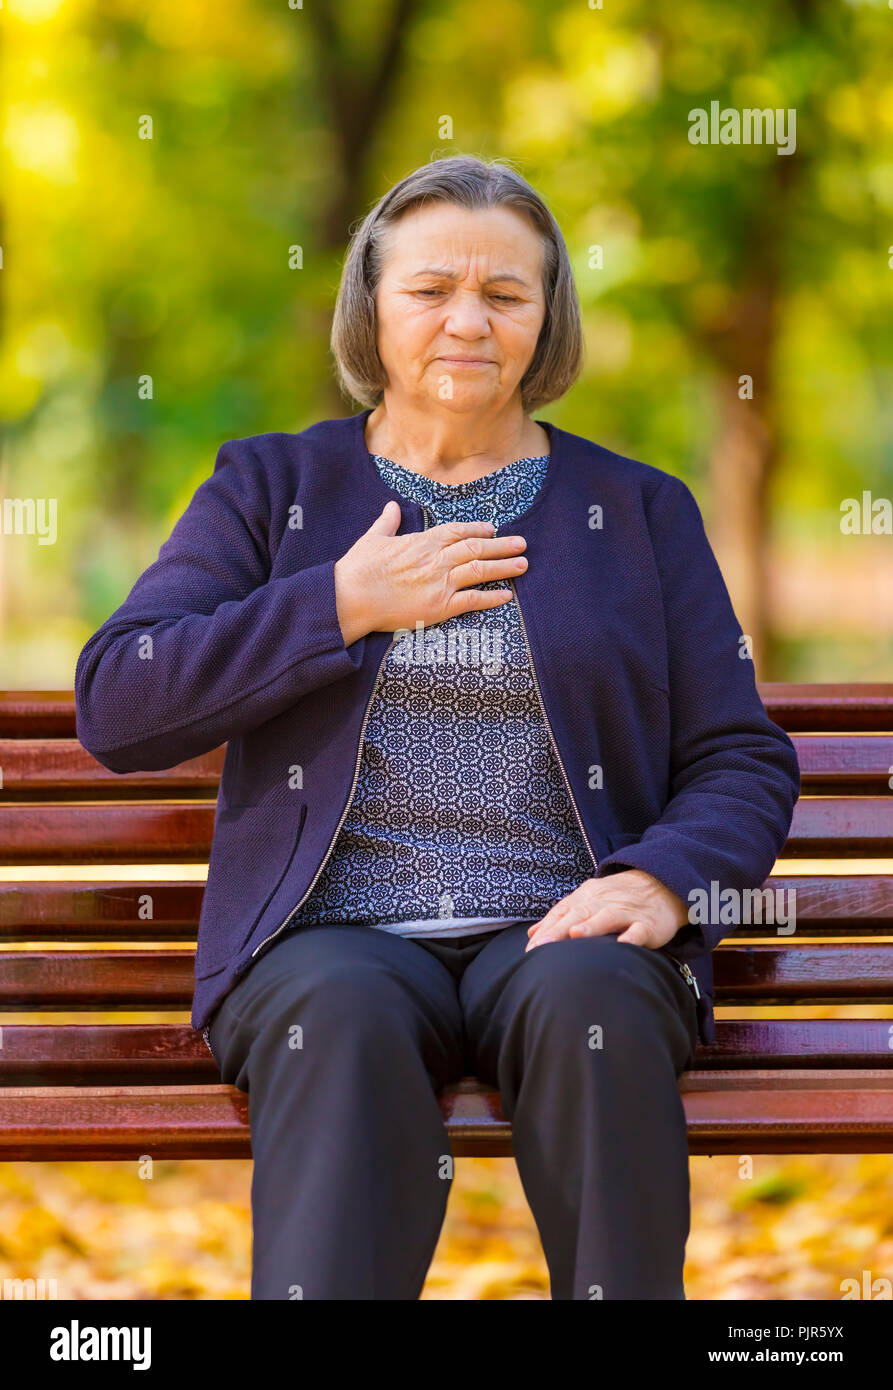 Ältere Dame umklammerte ihre Brust Schmerzen bei den ersten Anzeichen von Angina pectoris oder Myokardinfarkt oder Herzinfarkt, Oberkörper im Park an einem Herbsttag Stockbild